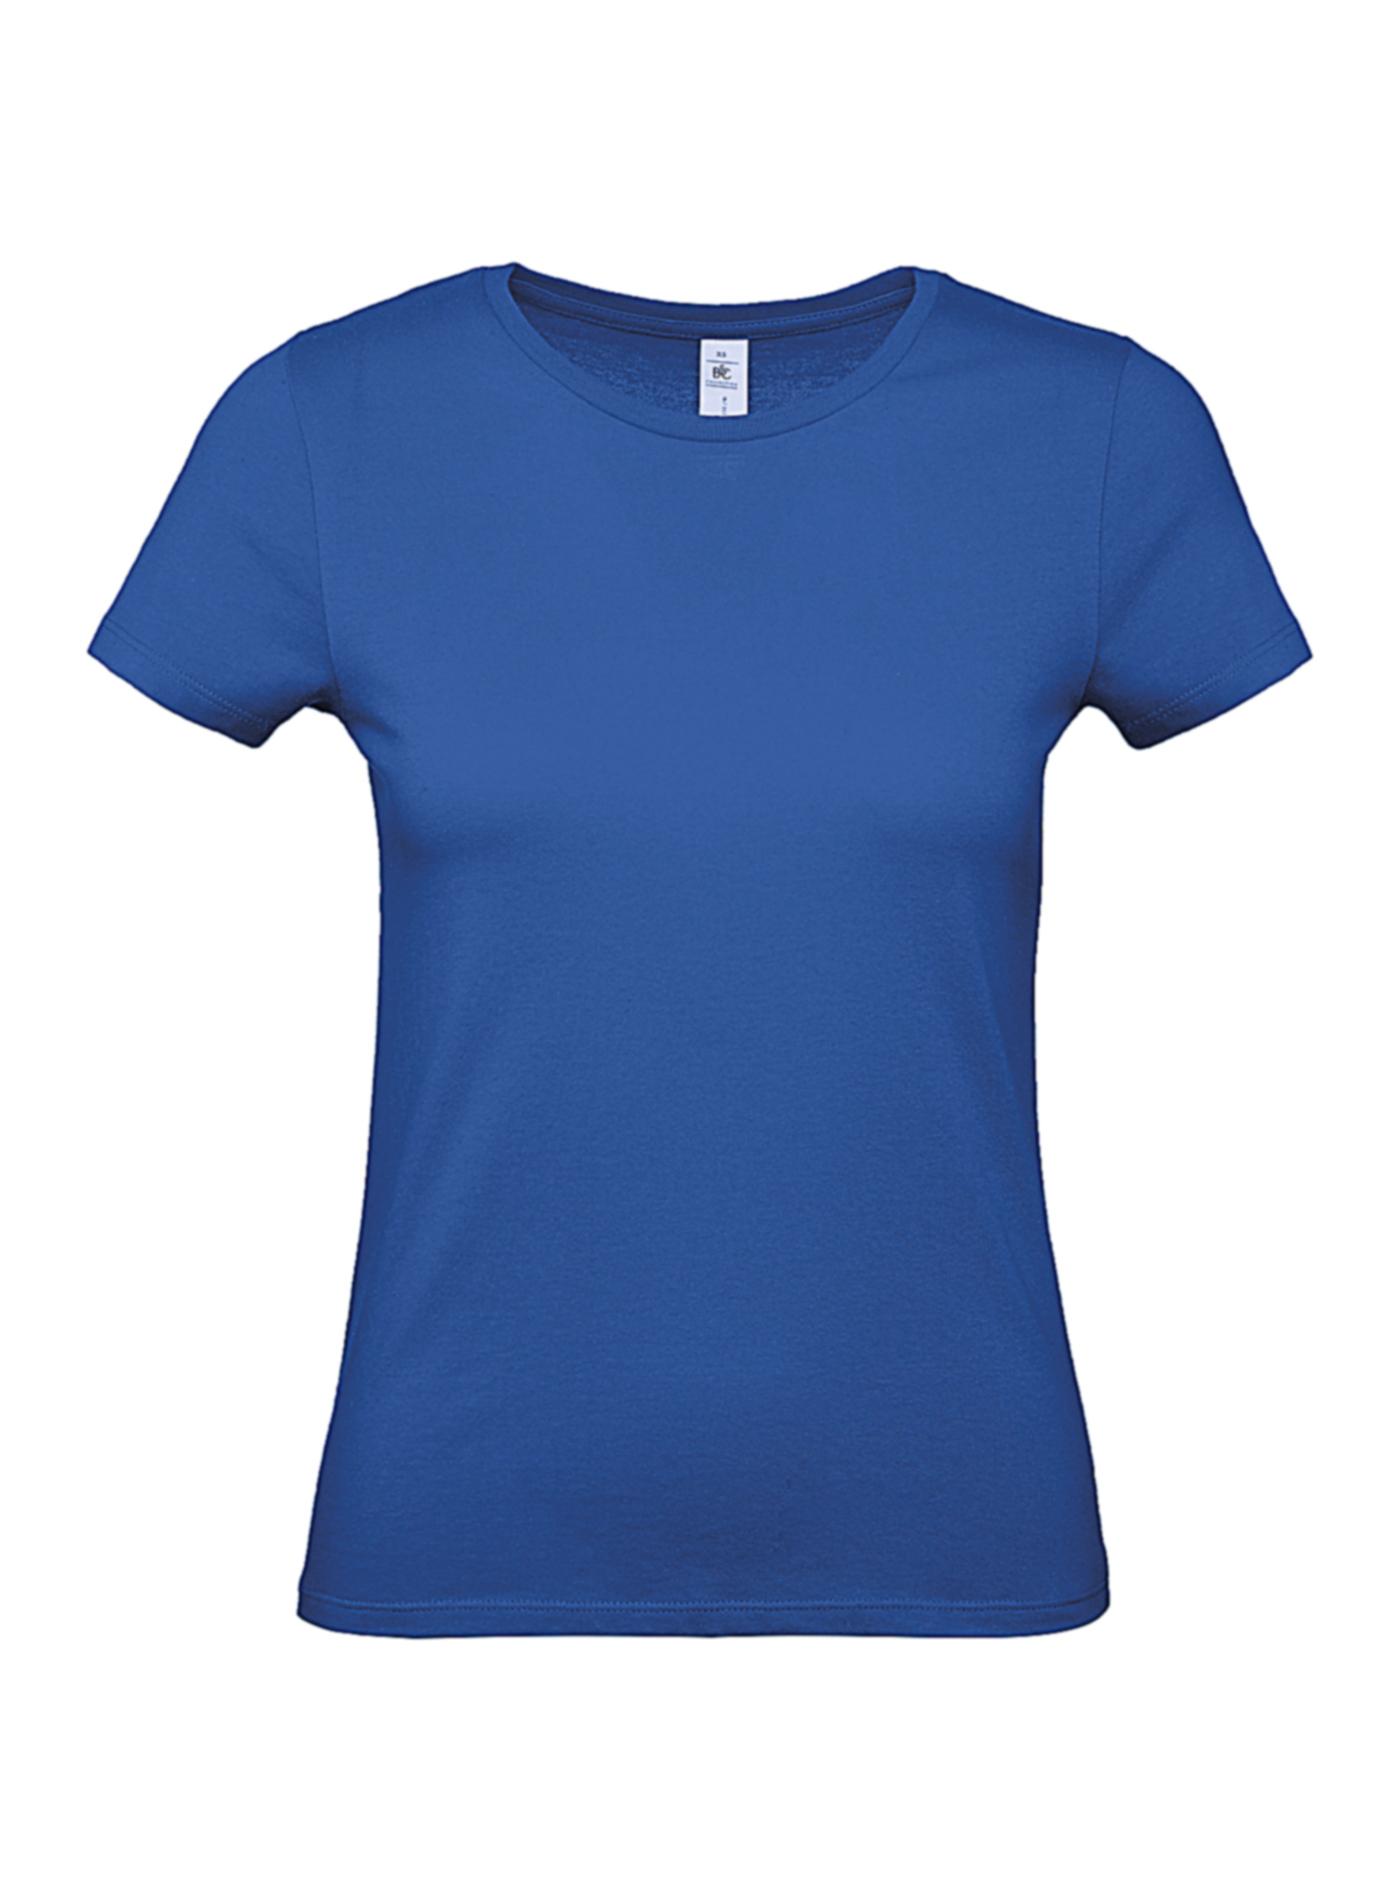 Dámské tričko B&C - královská modrá XXL